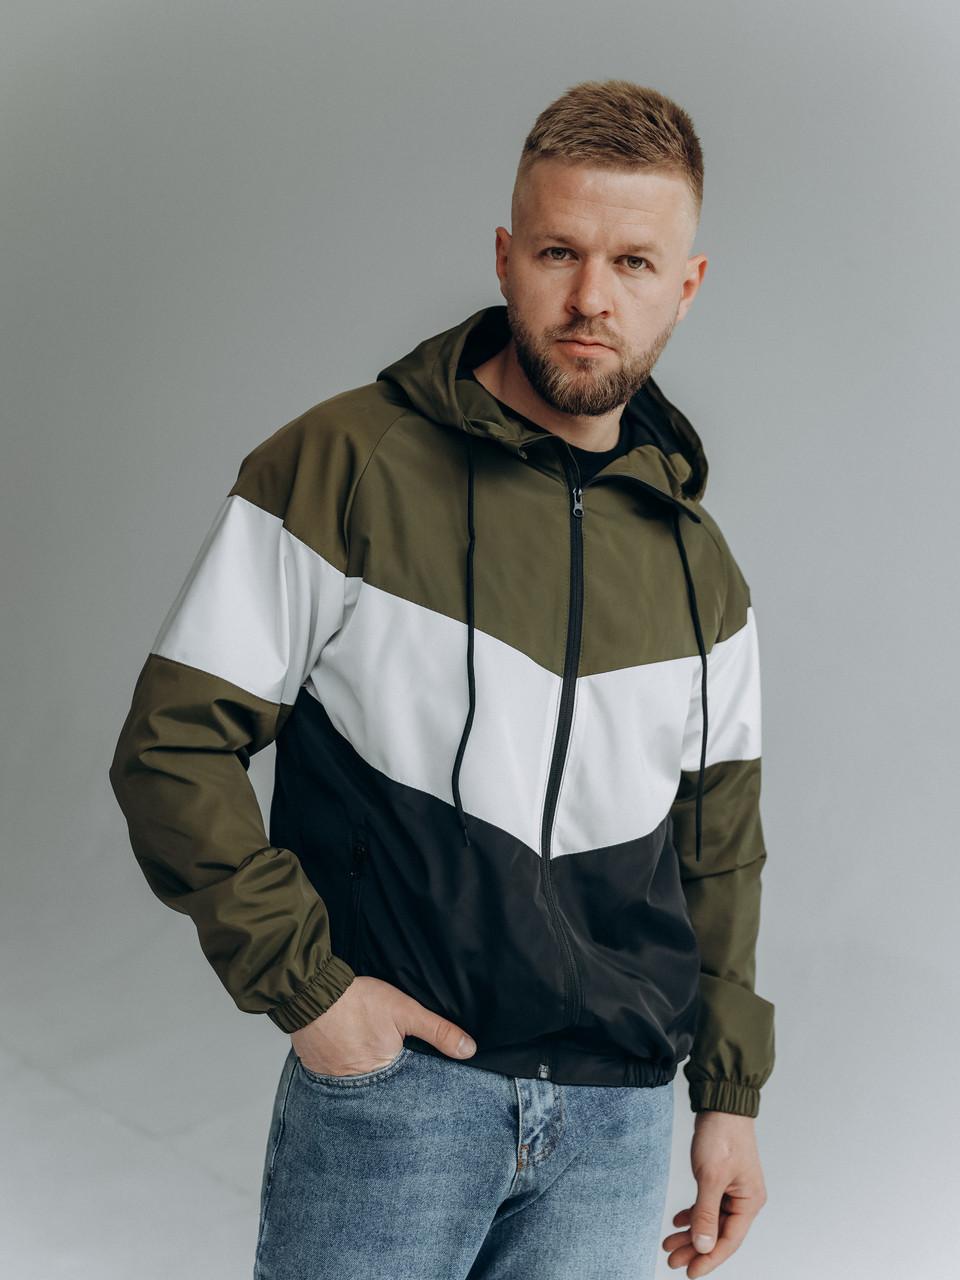 Мужская демисезонная трехцветная ветровка с капюшоном/Куртка молодежная ветрозащитная из плащевки с карманами